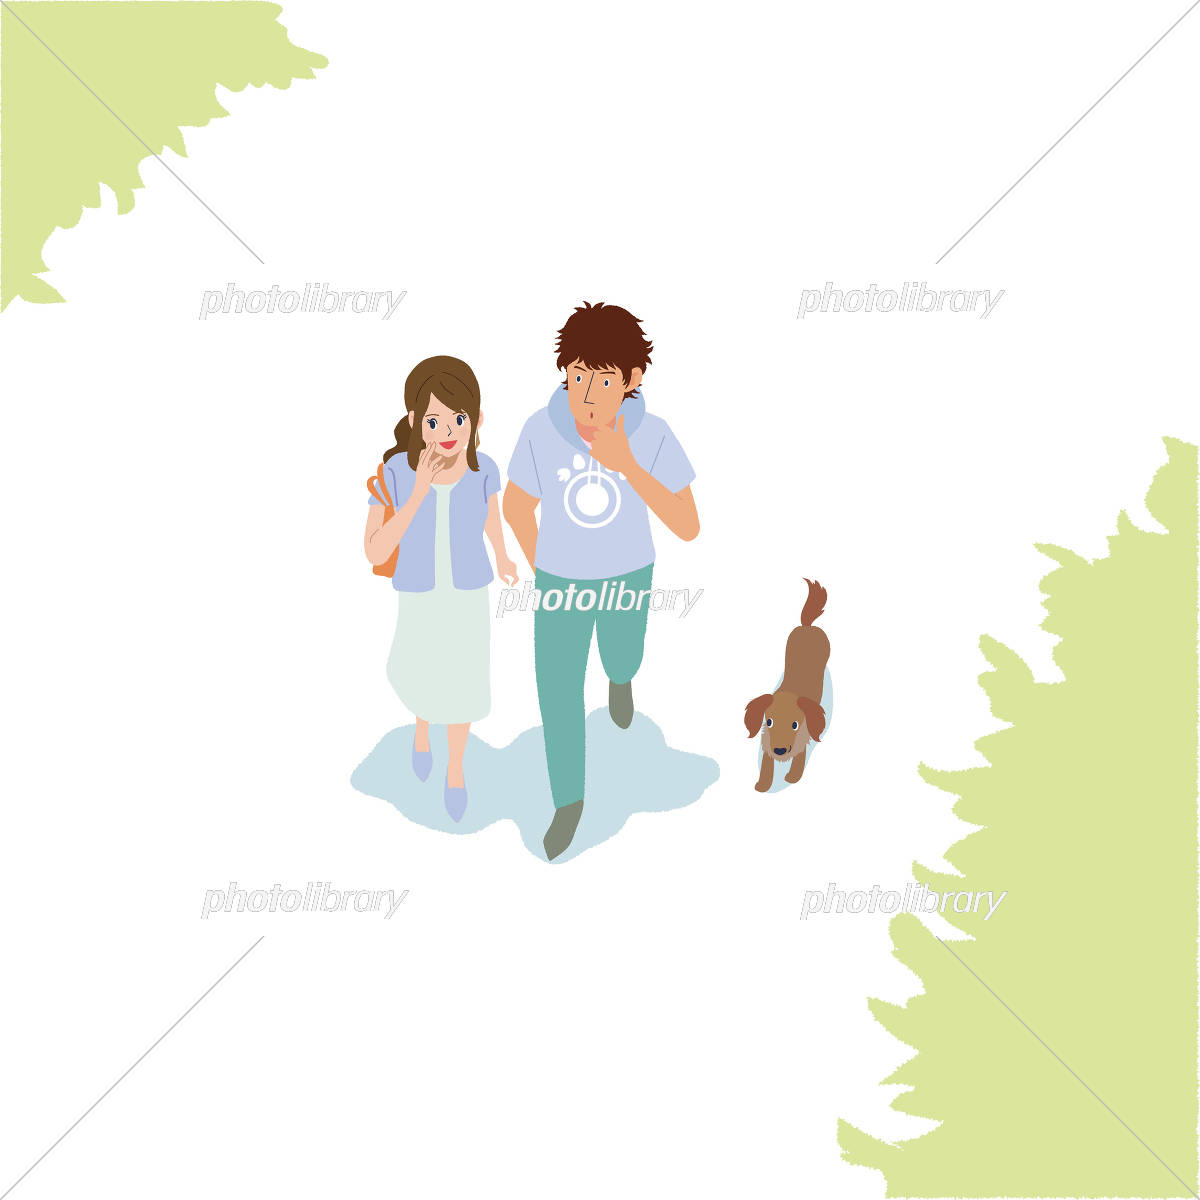 カップル 歩く イラスト イラスト素材 [ 5191085 ] - フォトライブラリー